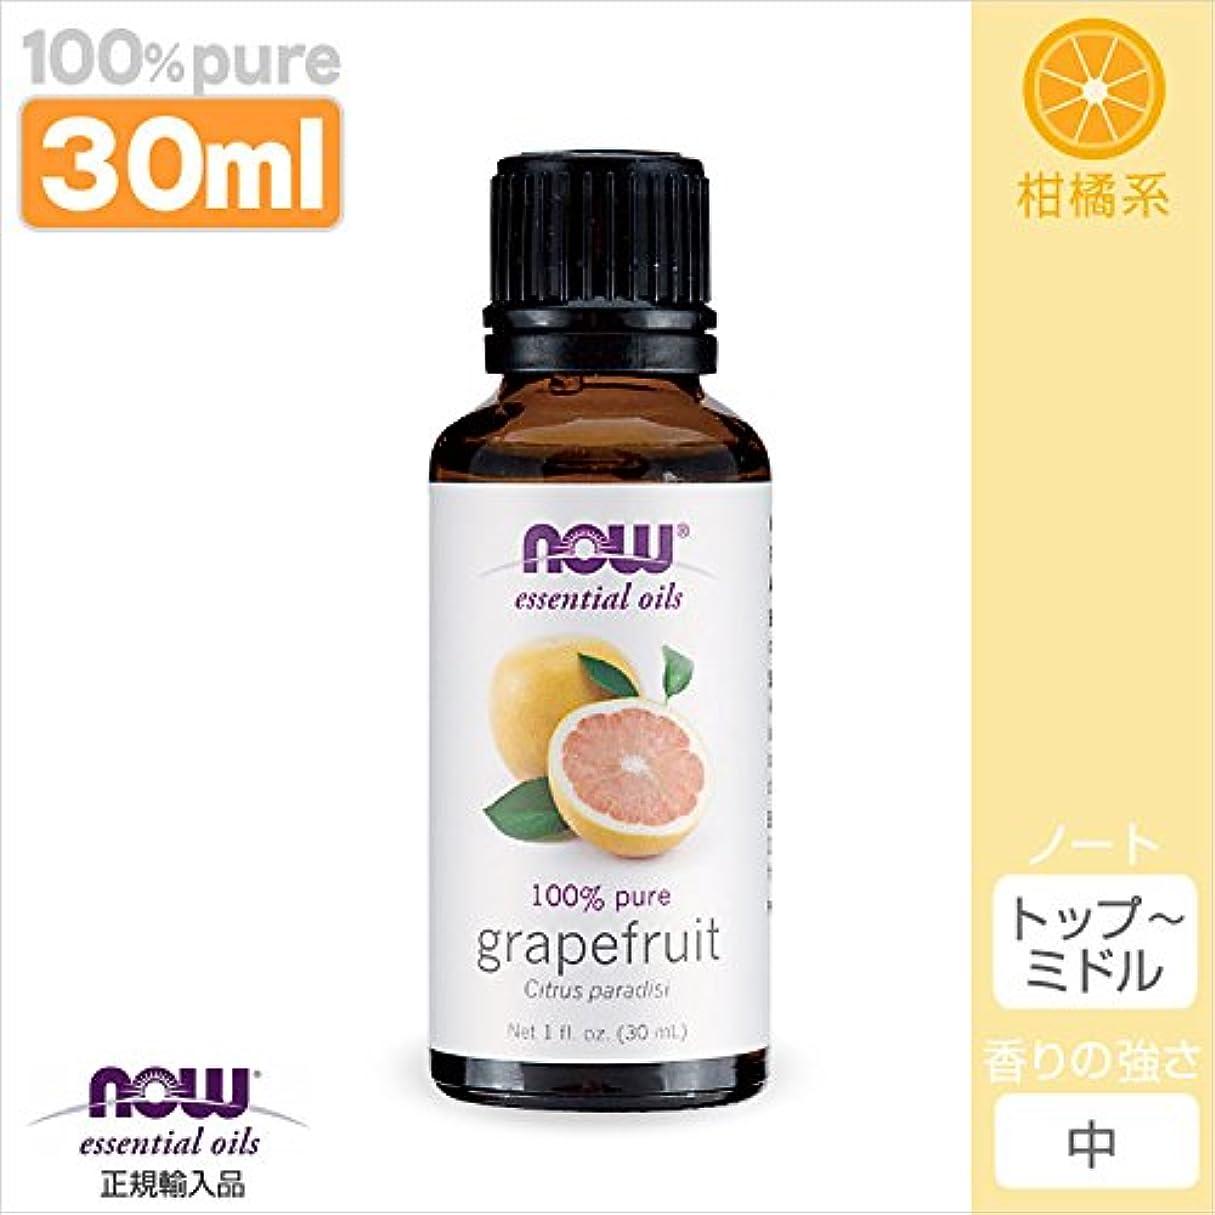 贅沢別の時間グレープフルーツ精油[30ml] 【正規輸入品】 NOWエッセンシャルオイル(アロマオイル)